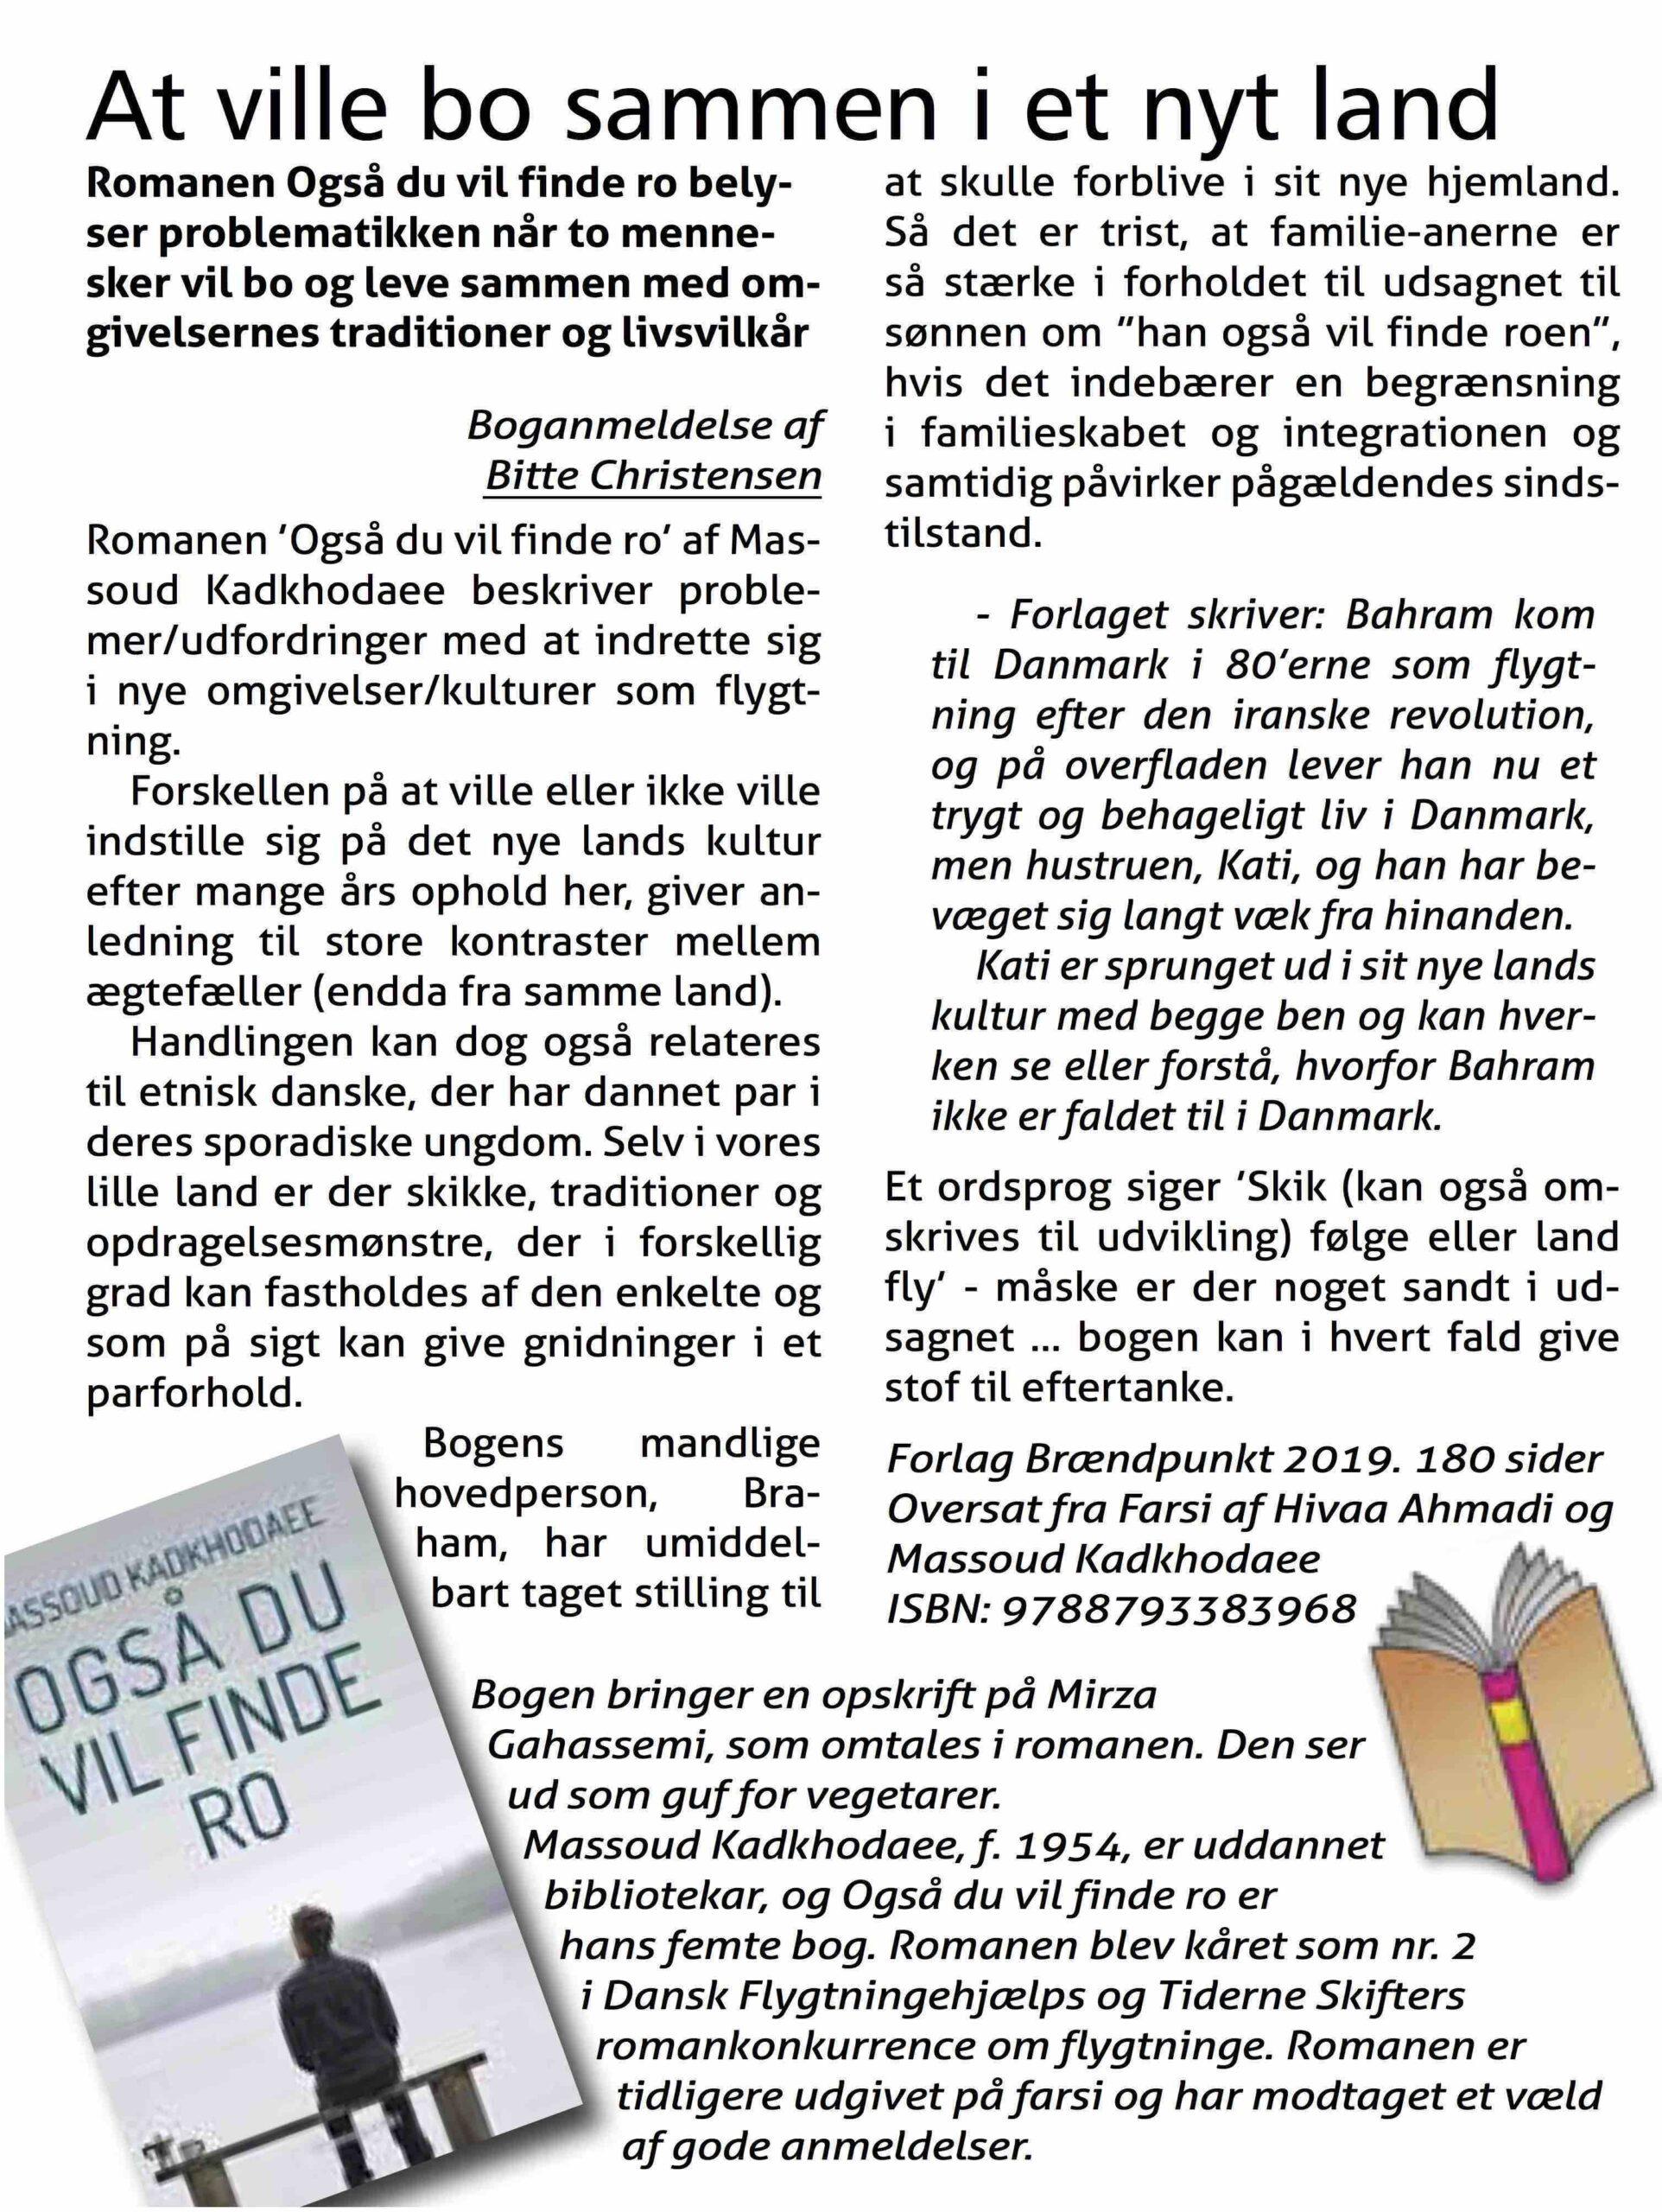 Anmeldelse Tårnby Bladet